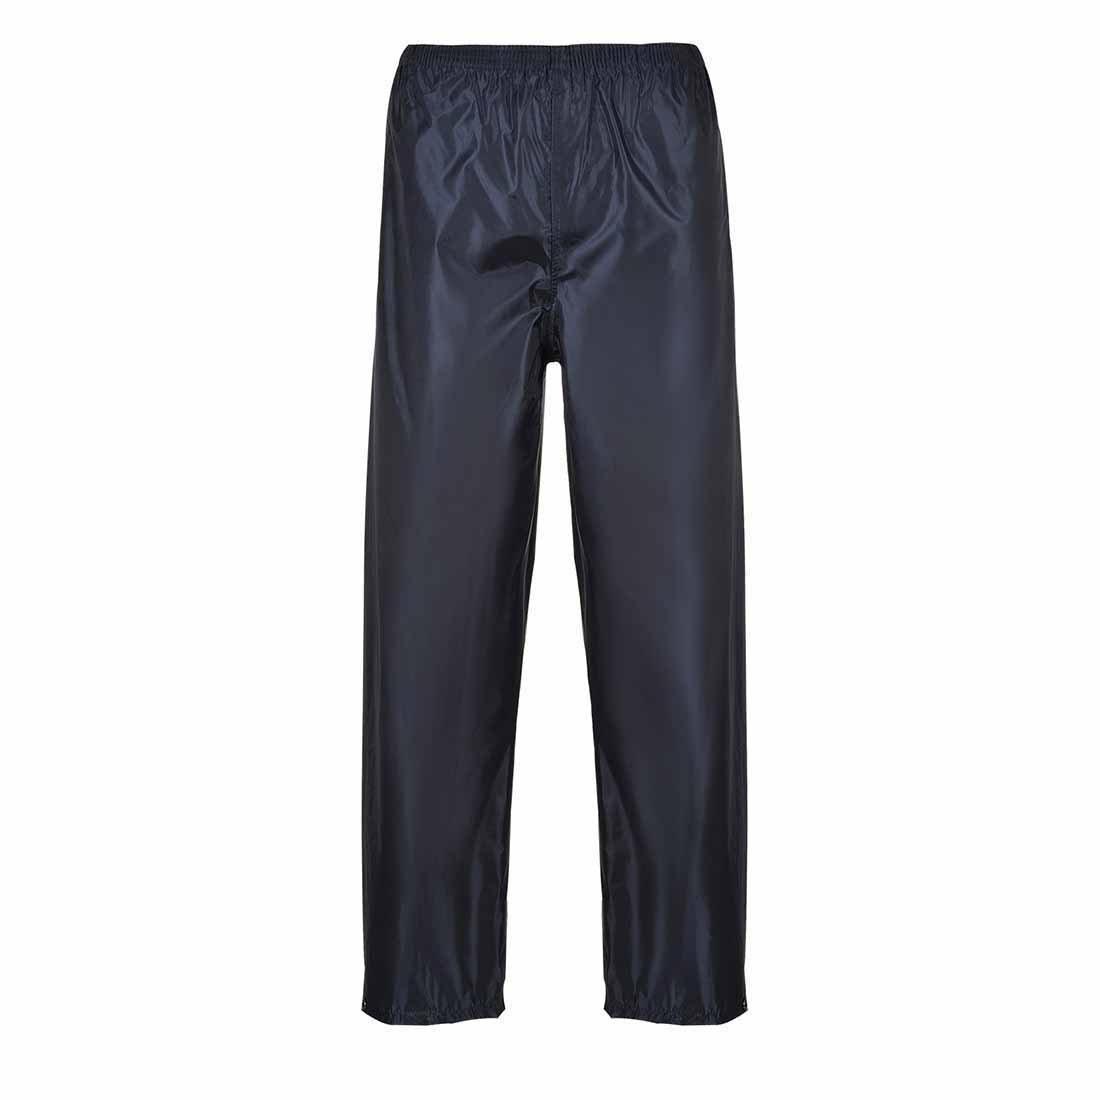 Portwest Classic rain trouser (S441) Black 2XL H-RALA2015-PW167BLAC2XL